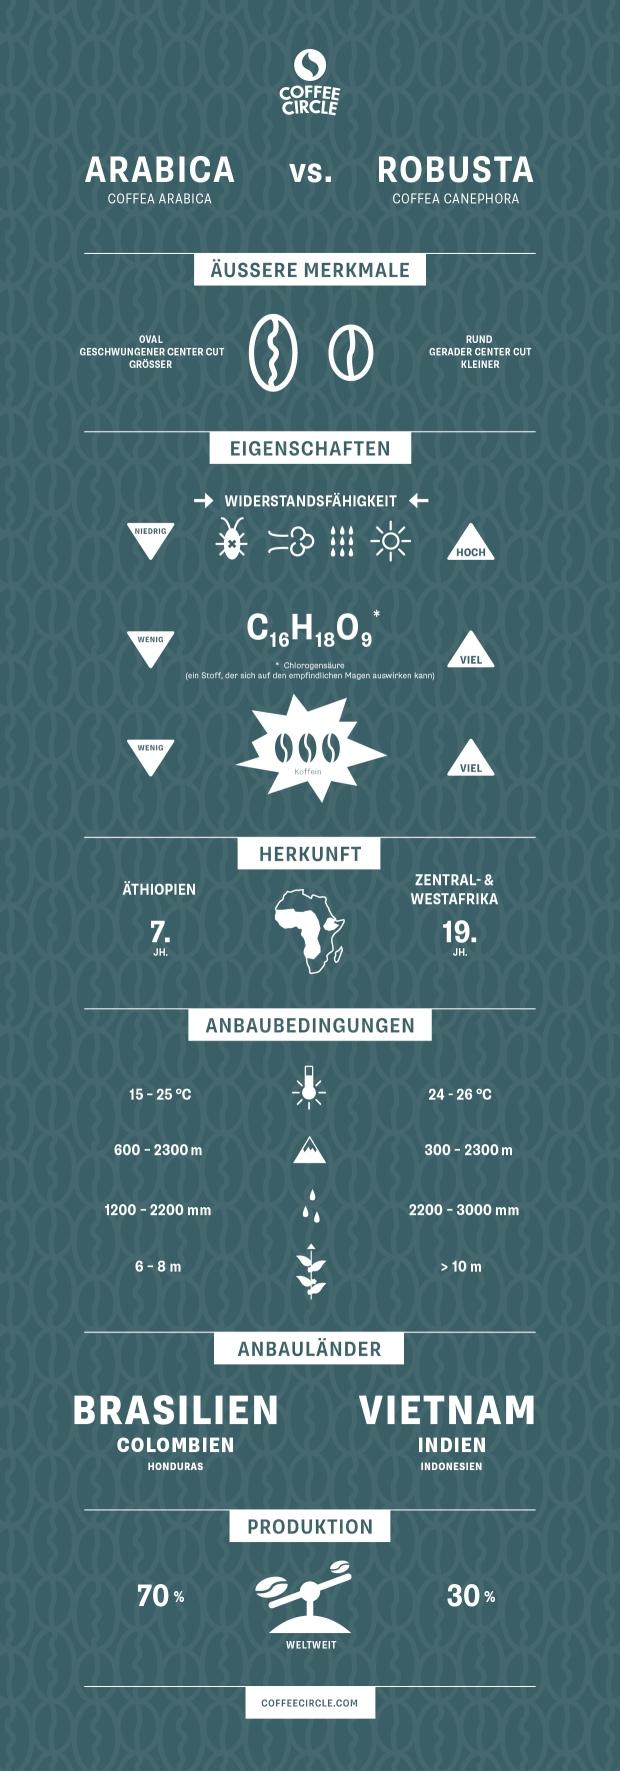 Infografik Arabica und Robusta